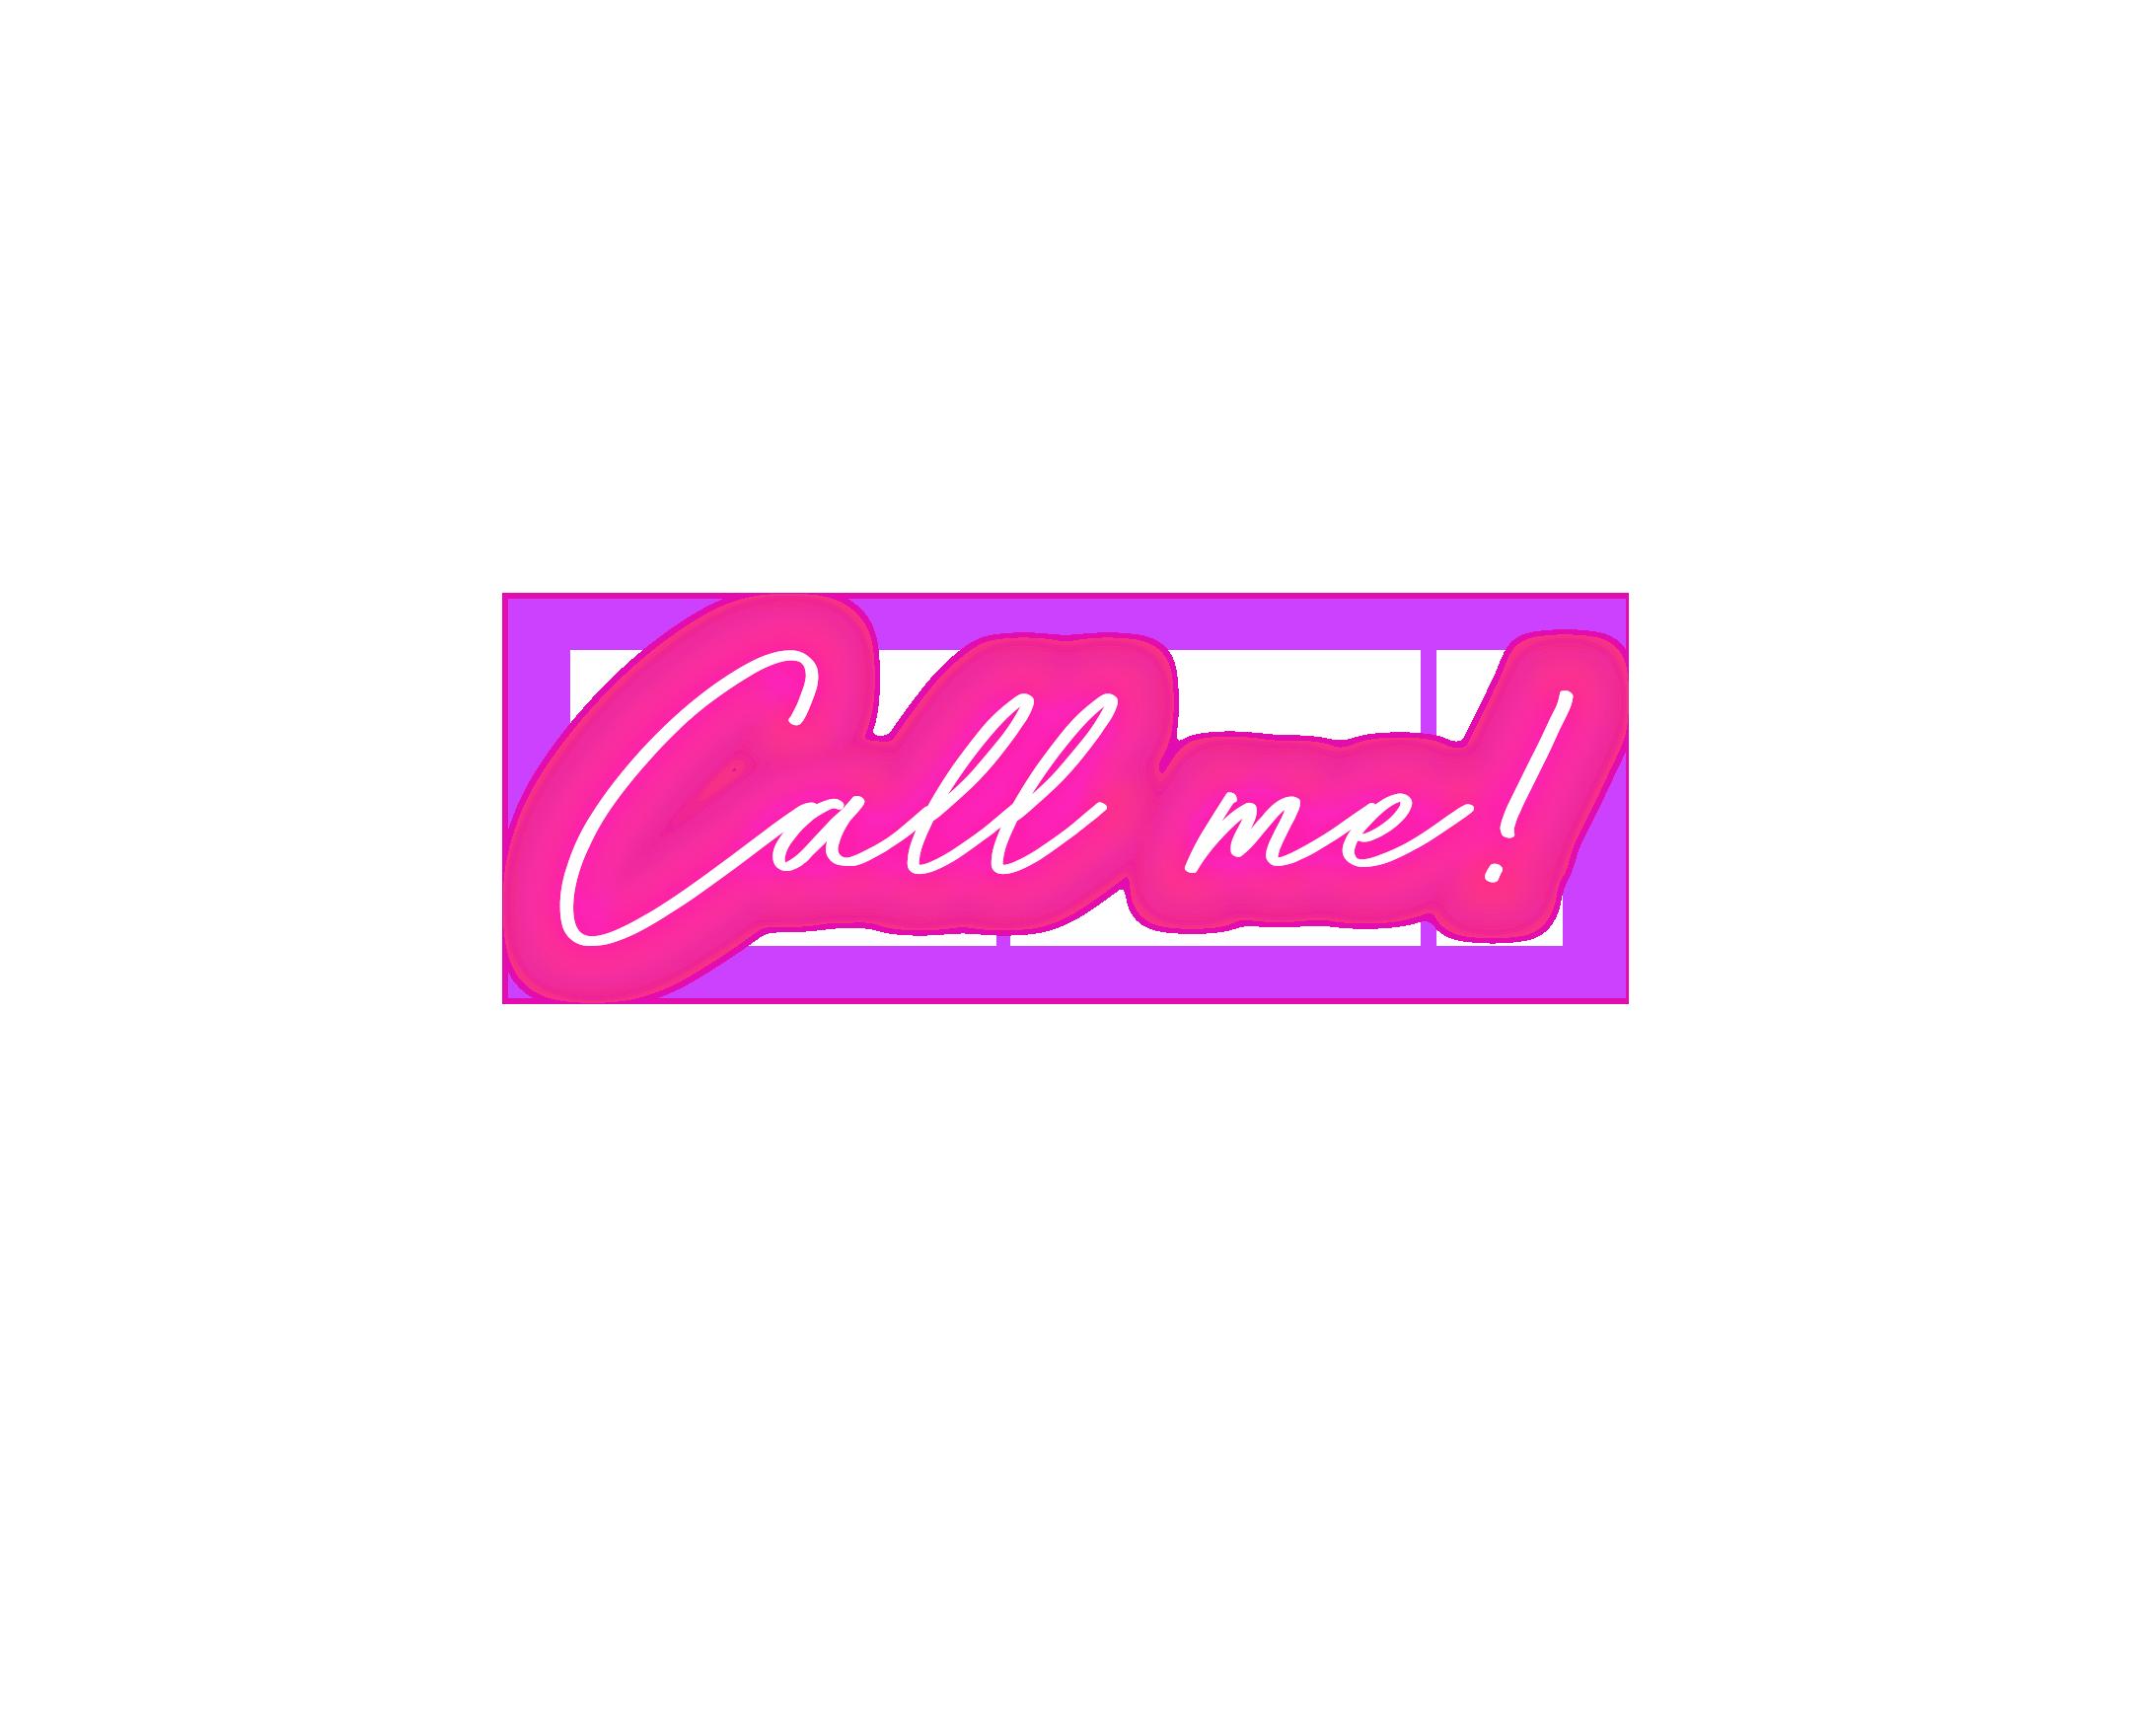 waw_callme.png